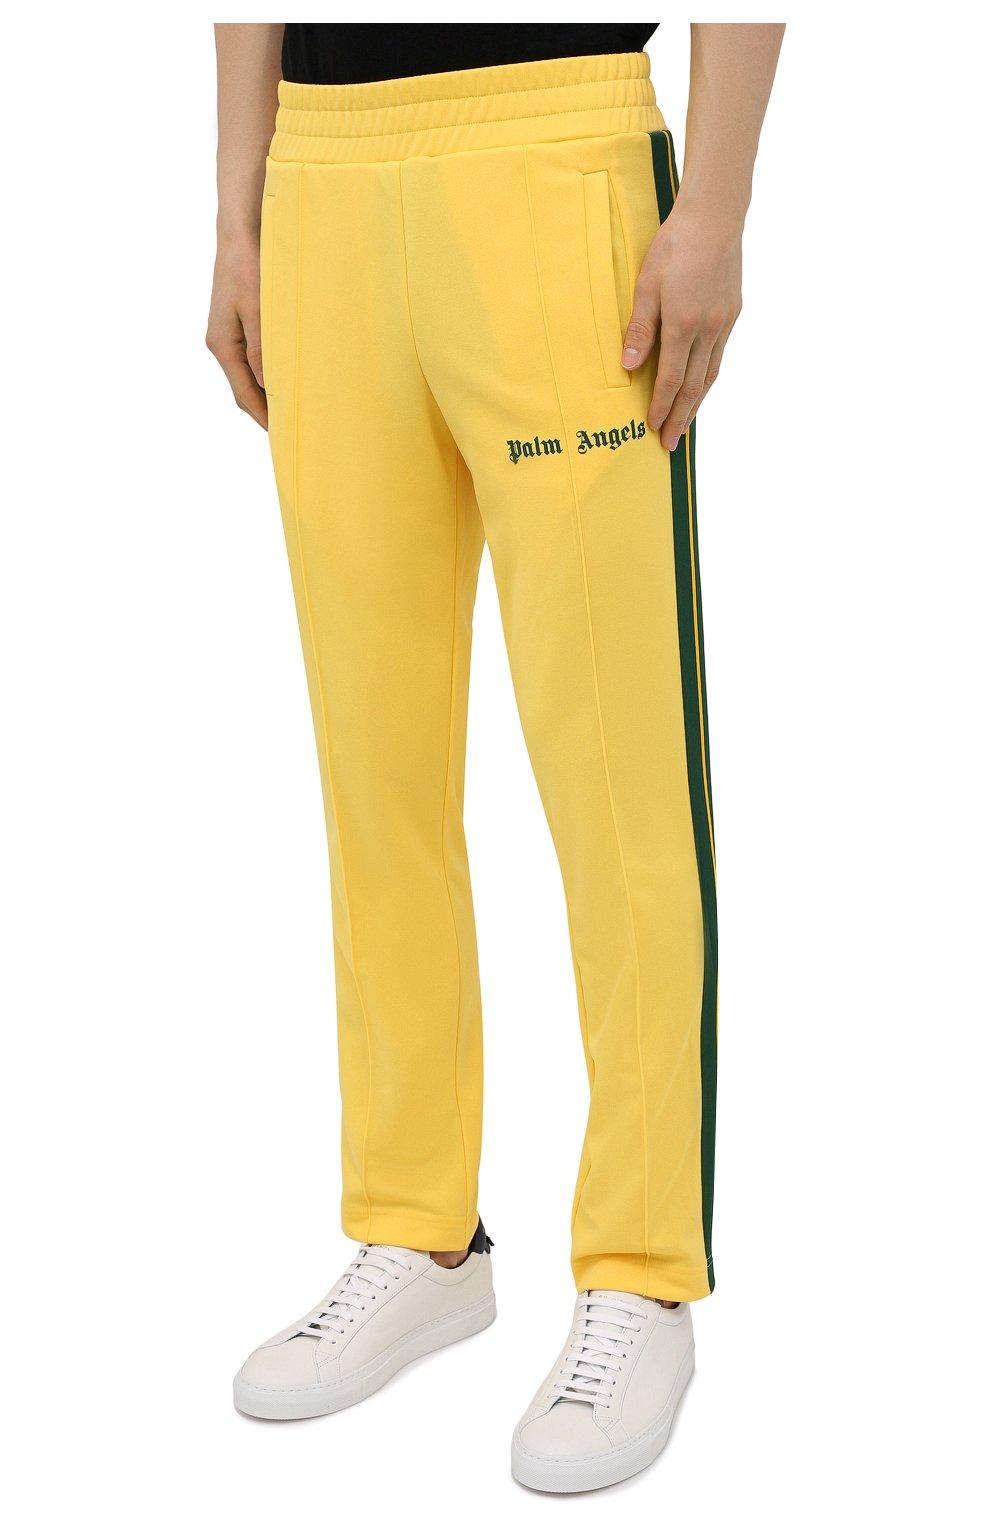 Мужские брюки PALM ANGELS желтого цвета, арт. PMCA007S21FAB0031855   Фото 3 (Мужское Кросс-КТ: Брюки-трикотаж; Длина (брюки, джинсы): Стандартные; Случай: Повседневный; Материал внешний: Синтетический материал; Стили: Спорт-шик)